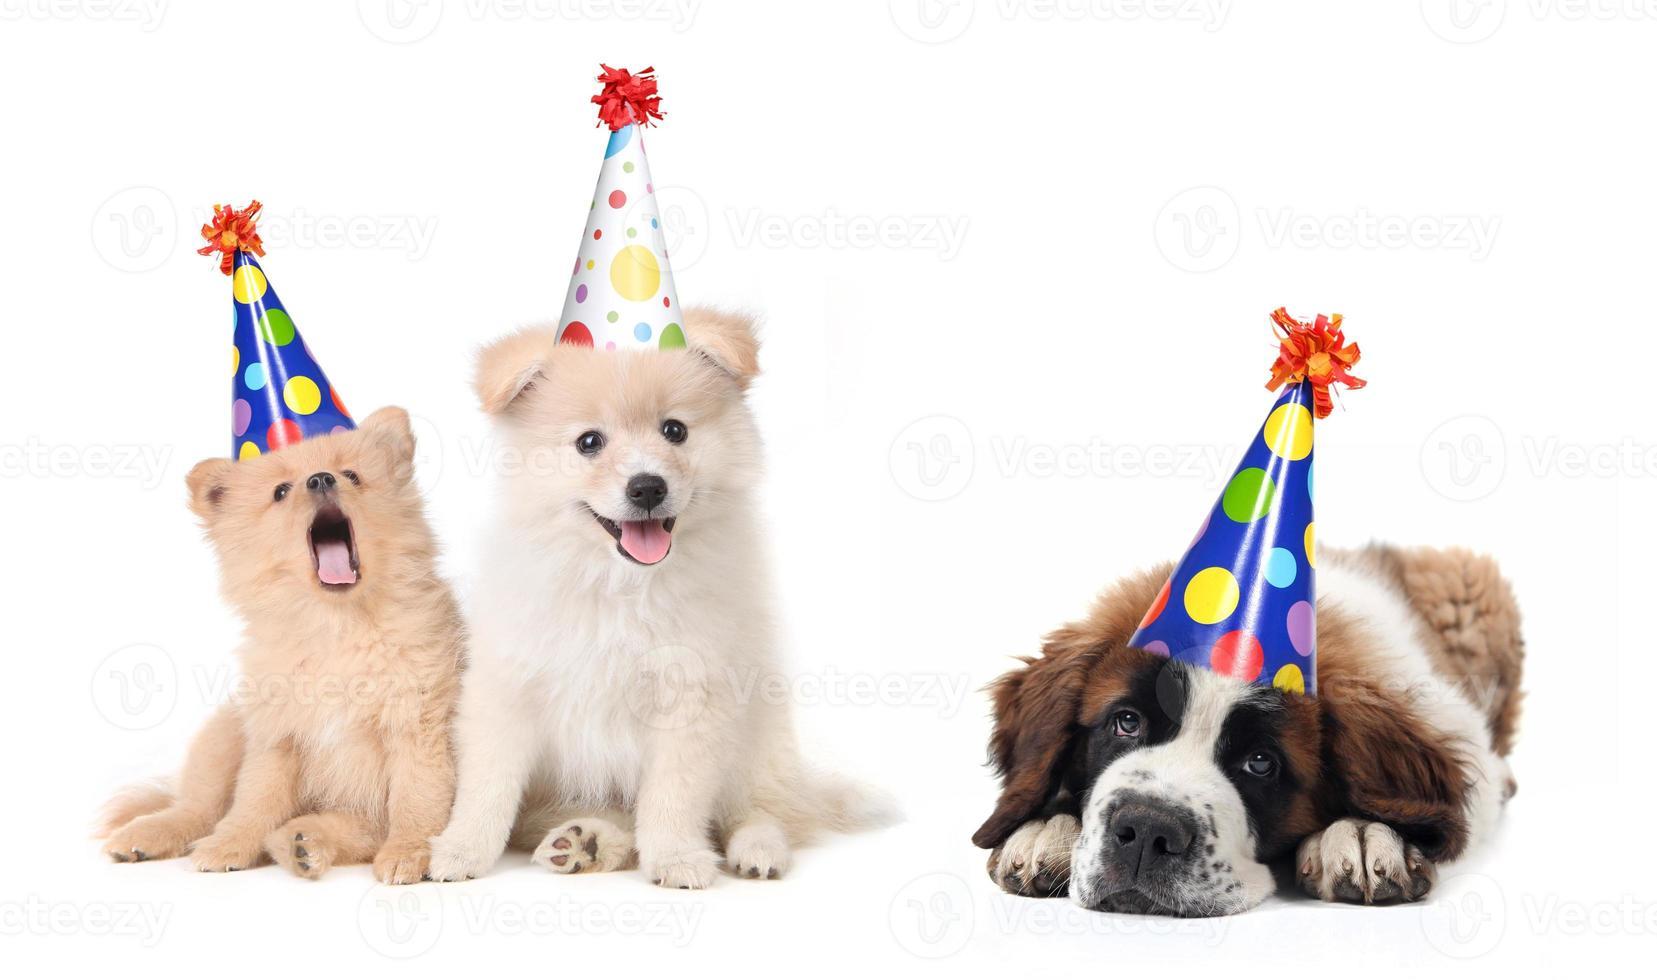 cachorros tontos celebrando cumpleaños foto